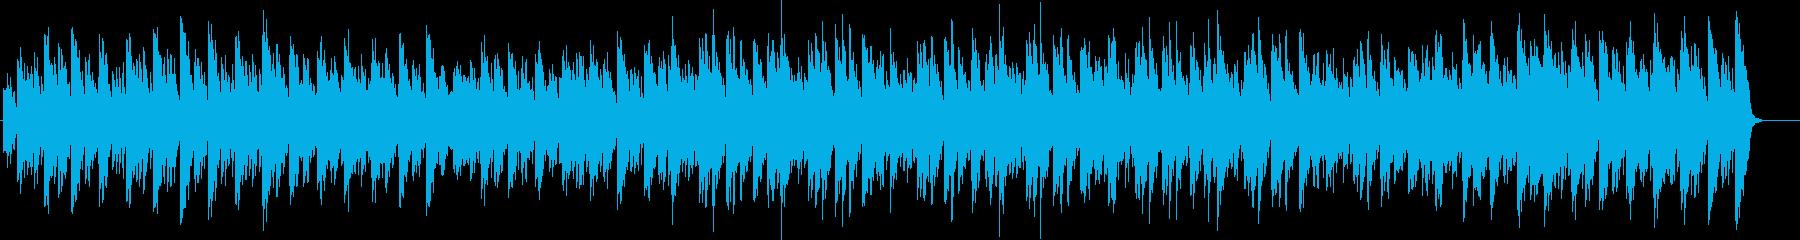 ラジオドラマのエンディング曲の再生済みの波形